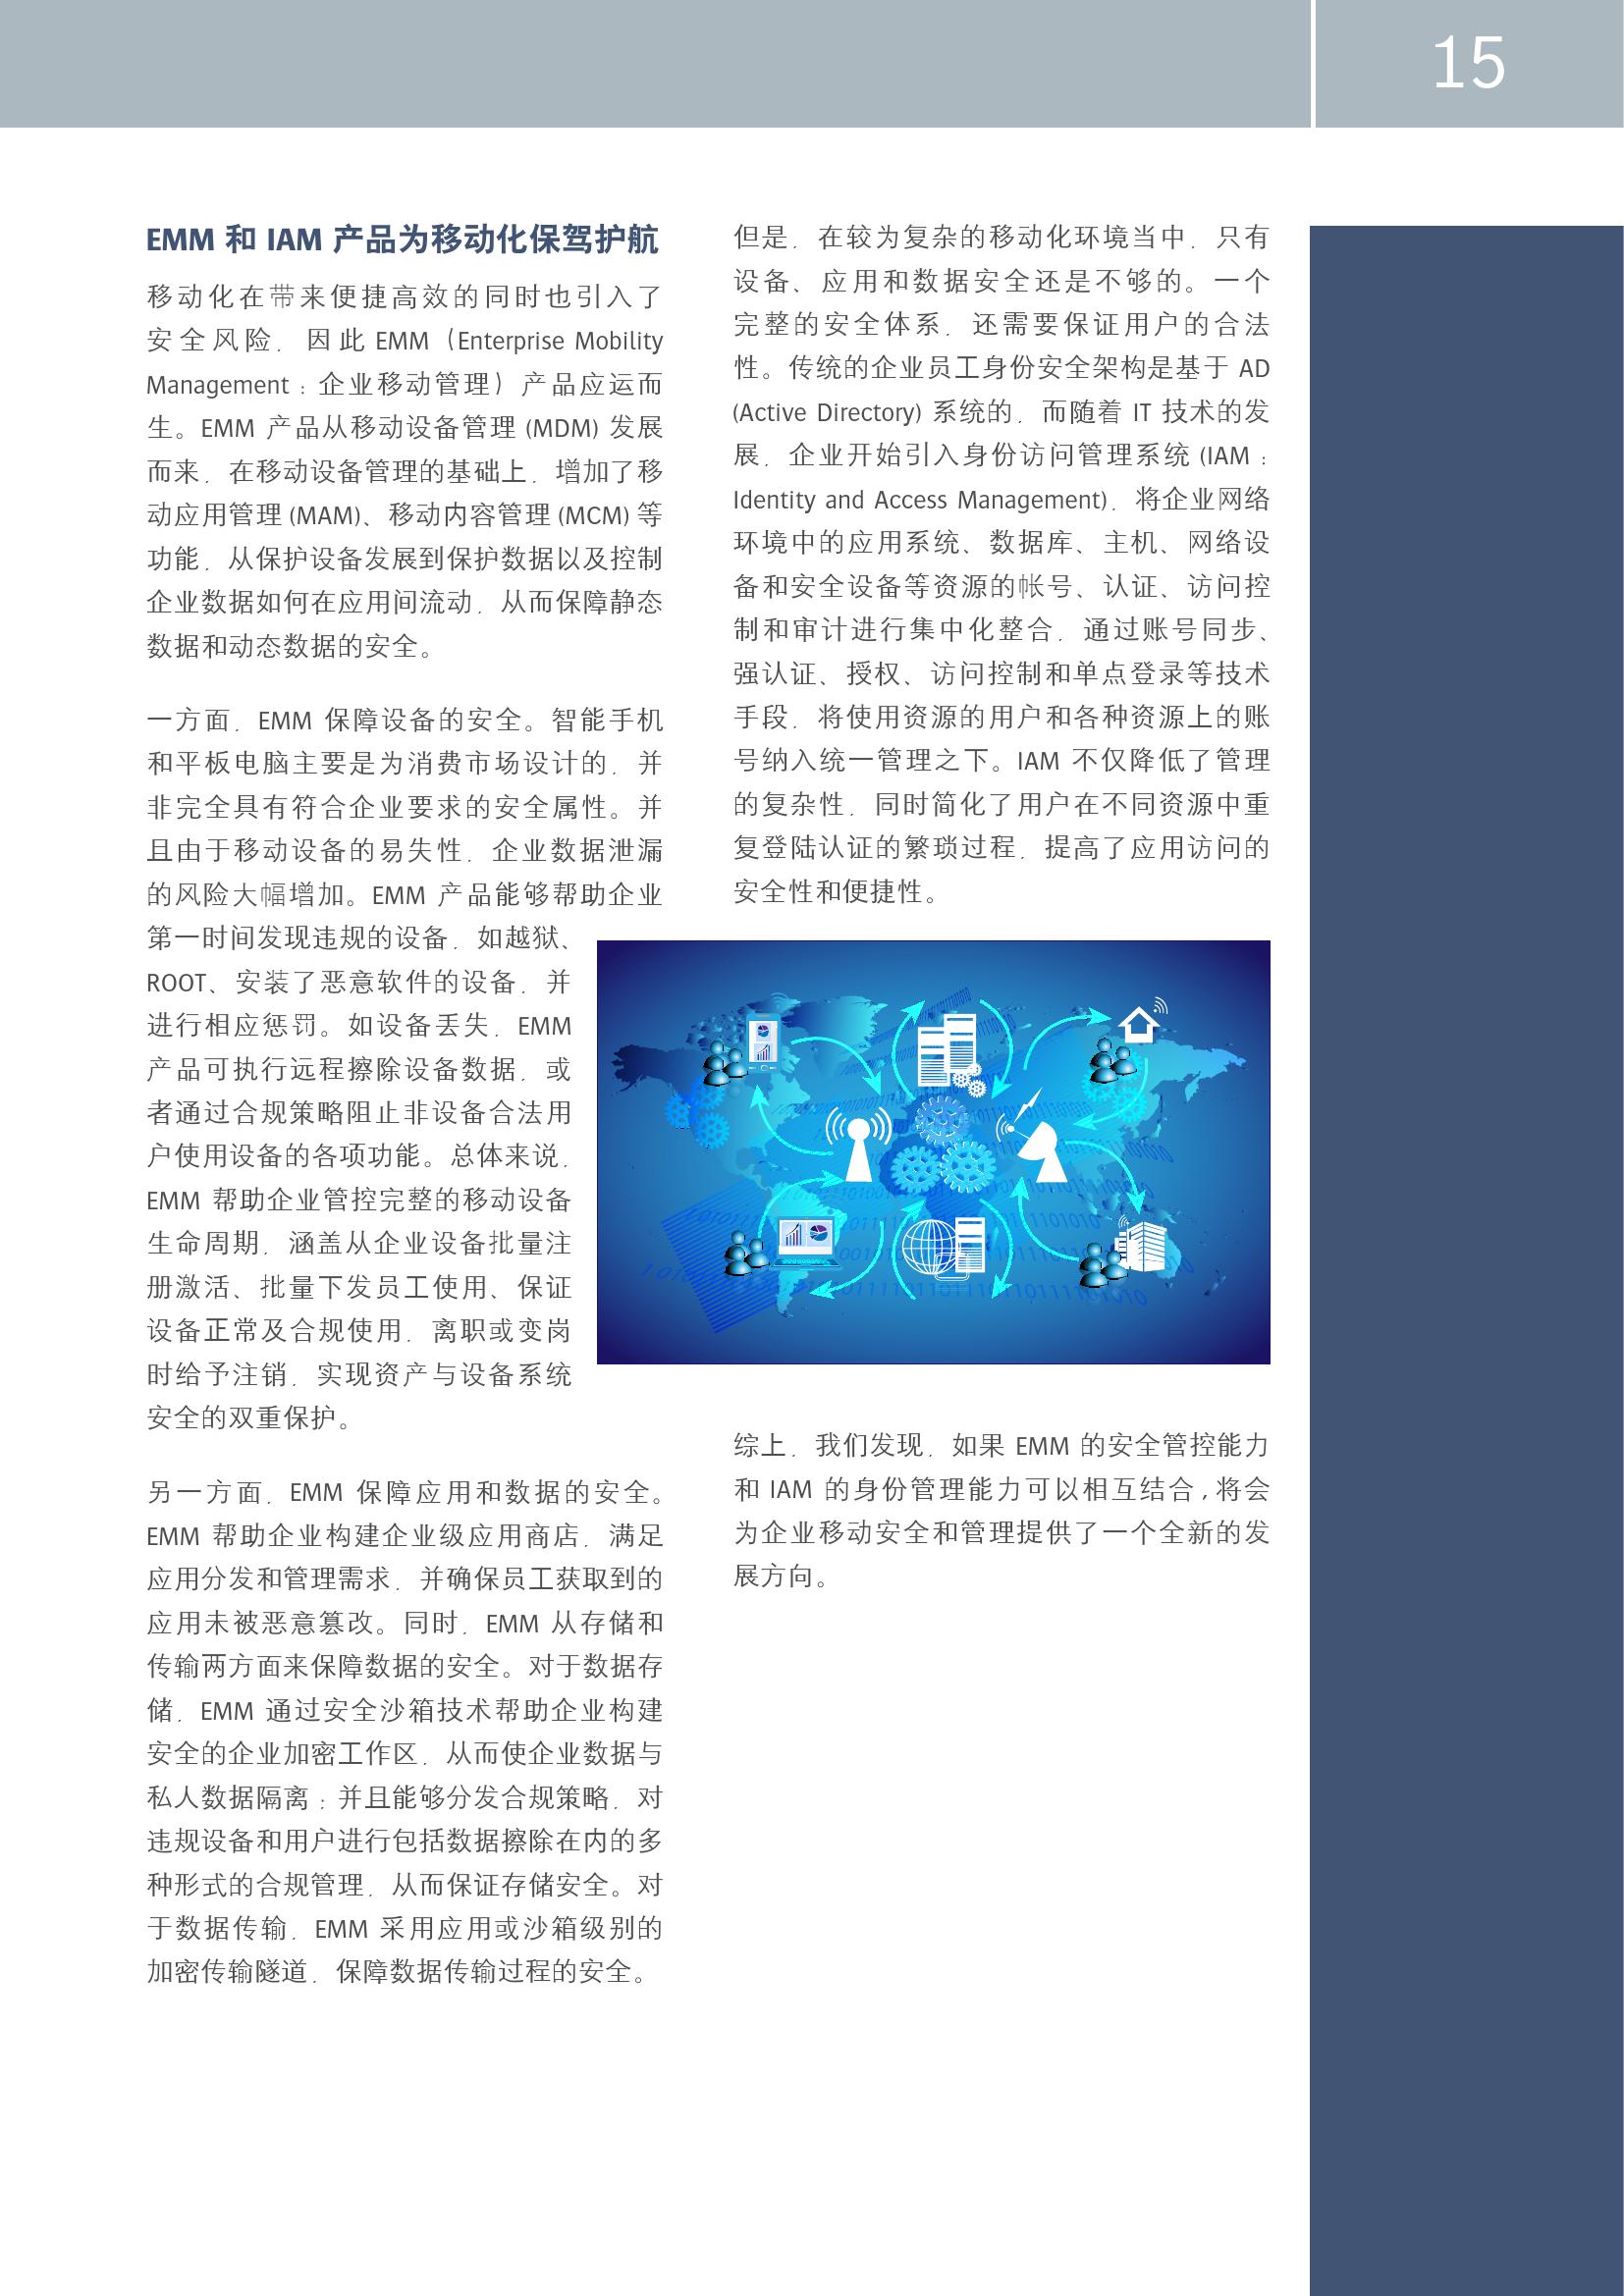 中国企业市场前瞻_000015